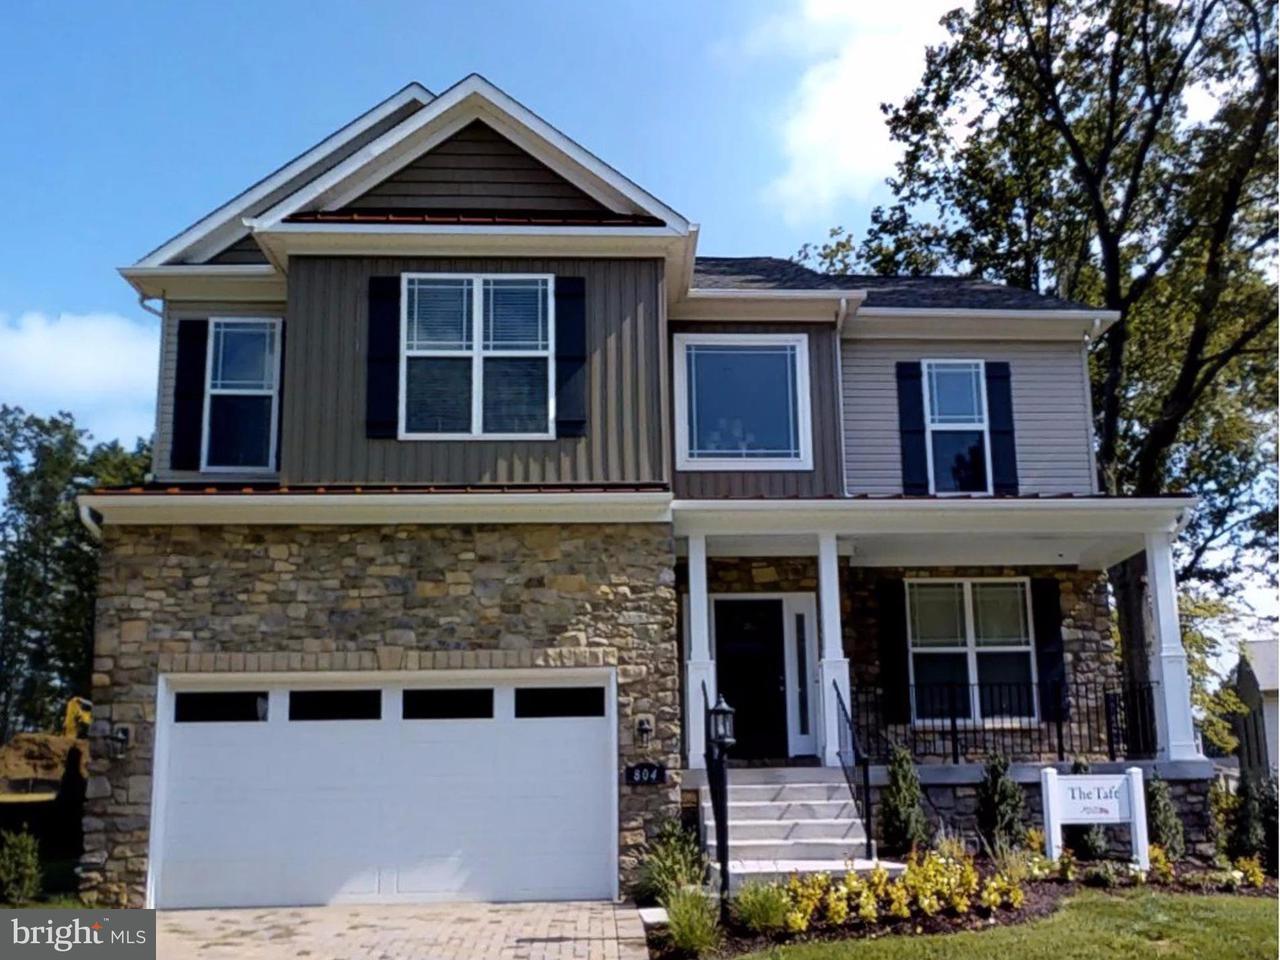 一戸建て のために 売買 アット 8420 SPRING CREEK WAY 8420 SPRING CREEK WAY Severn, メリーランド 21144 アメリカ合衆国